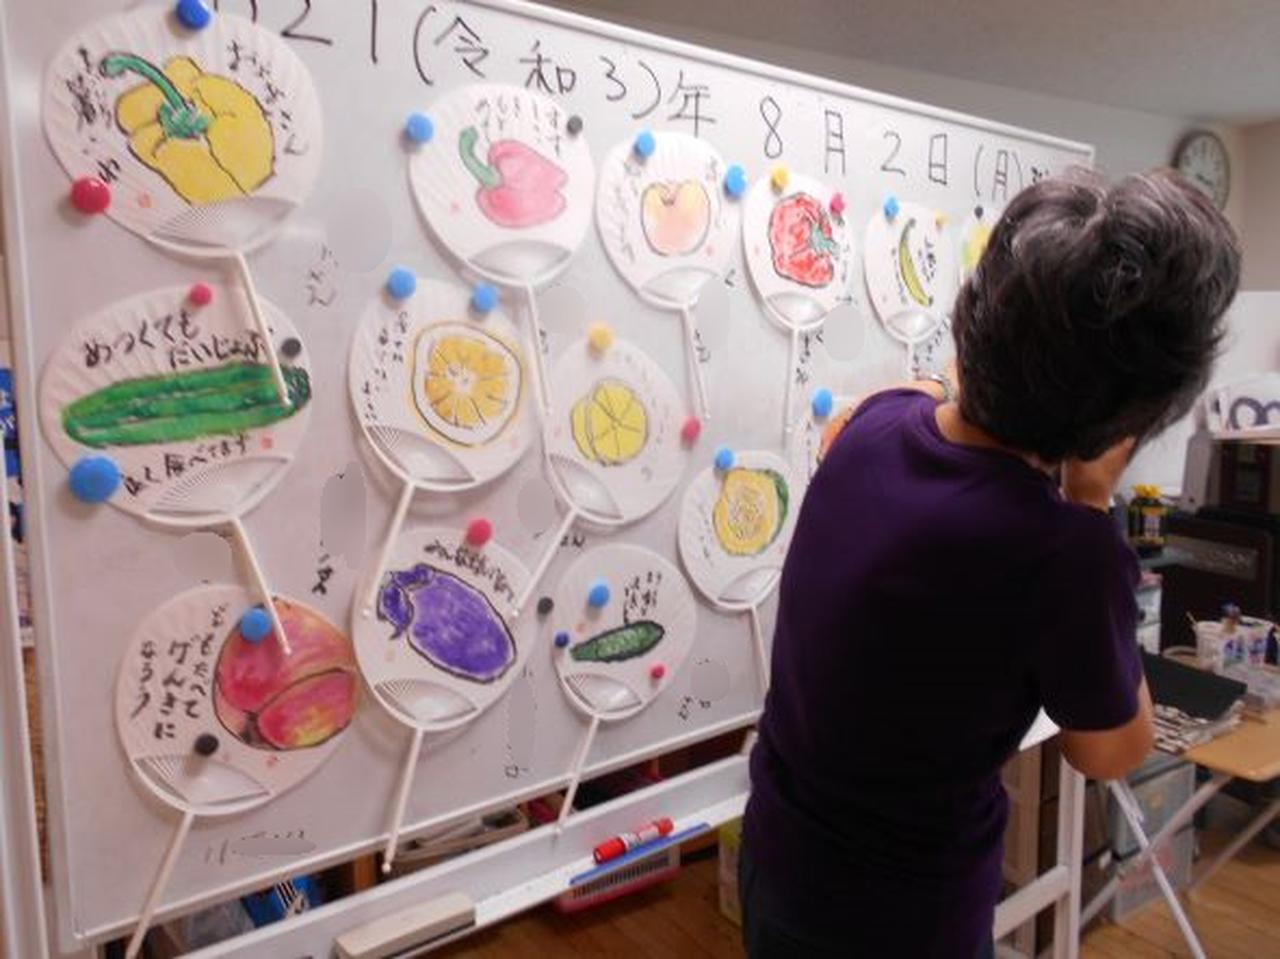 画像2: 「団扇の絵手紙」杉並区絵手紙展に展示いたします。